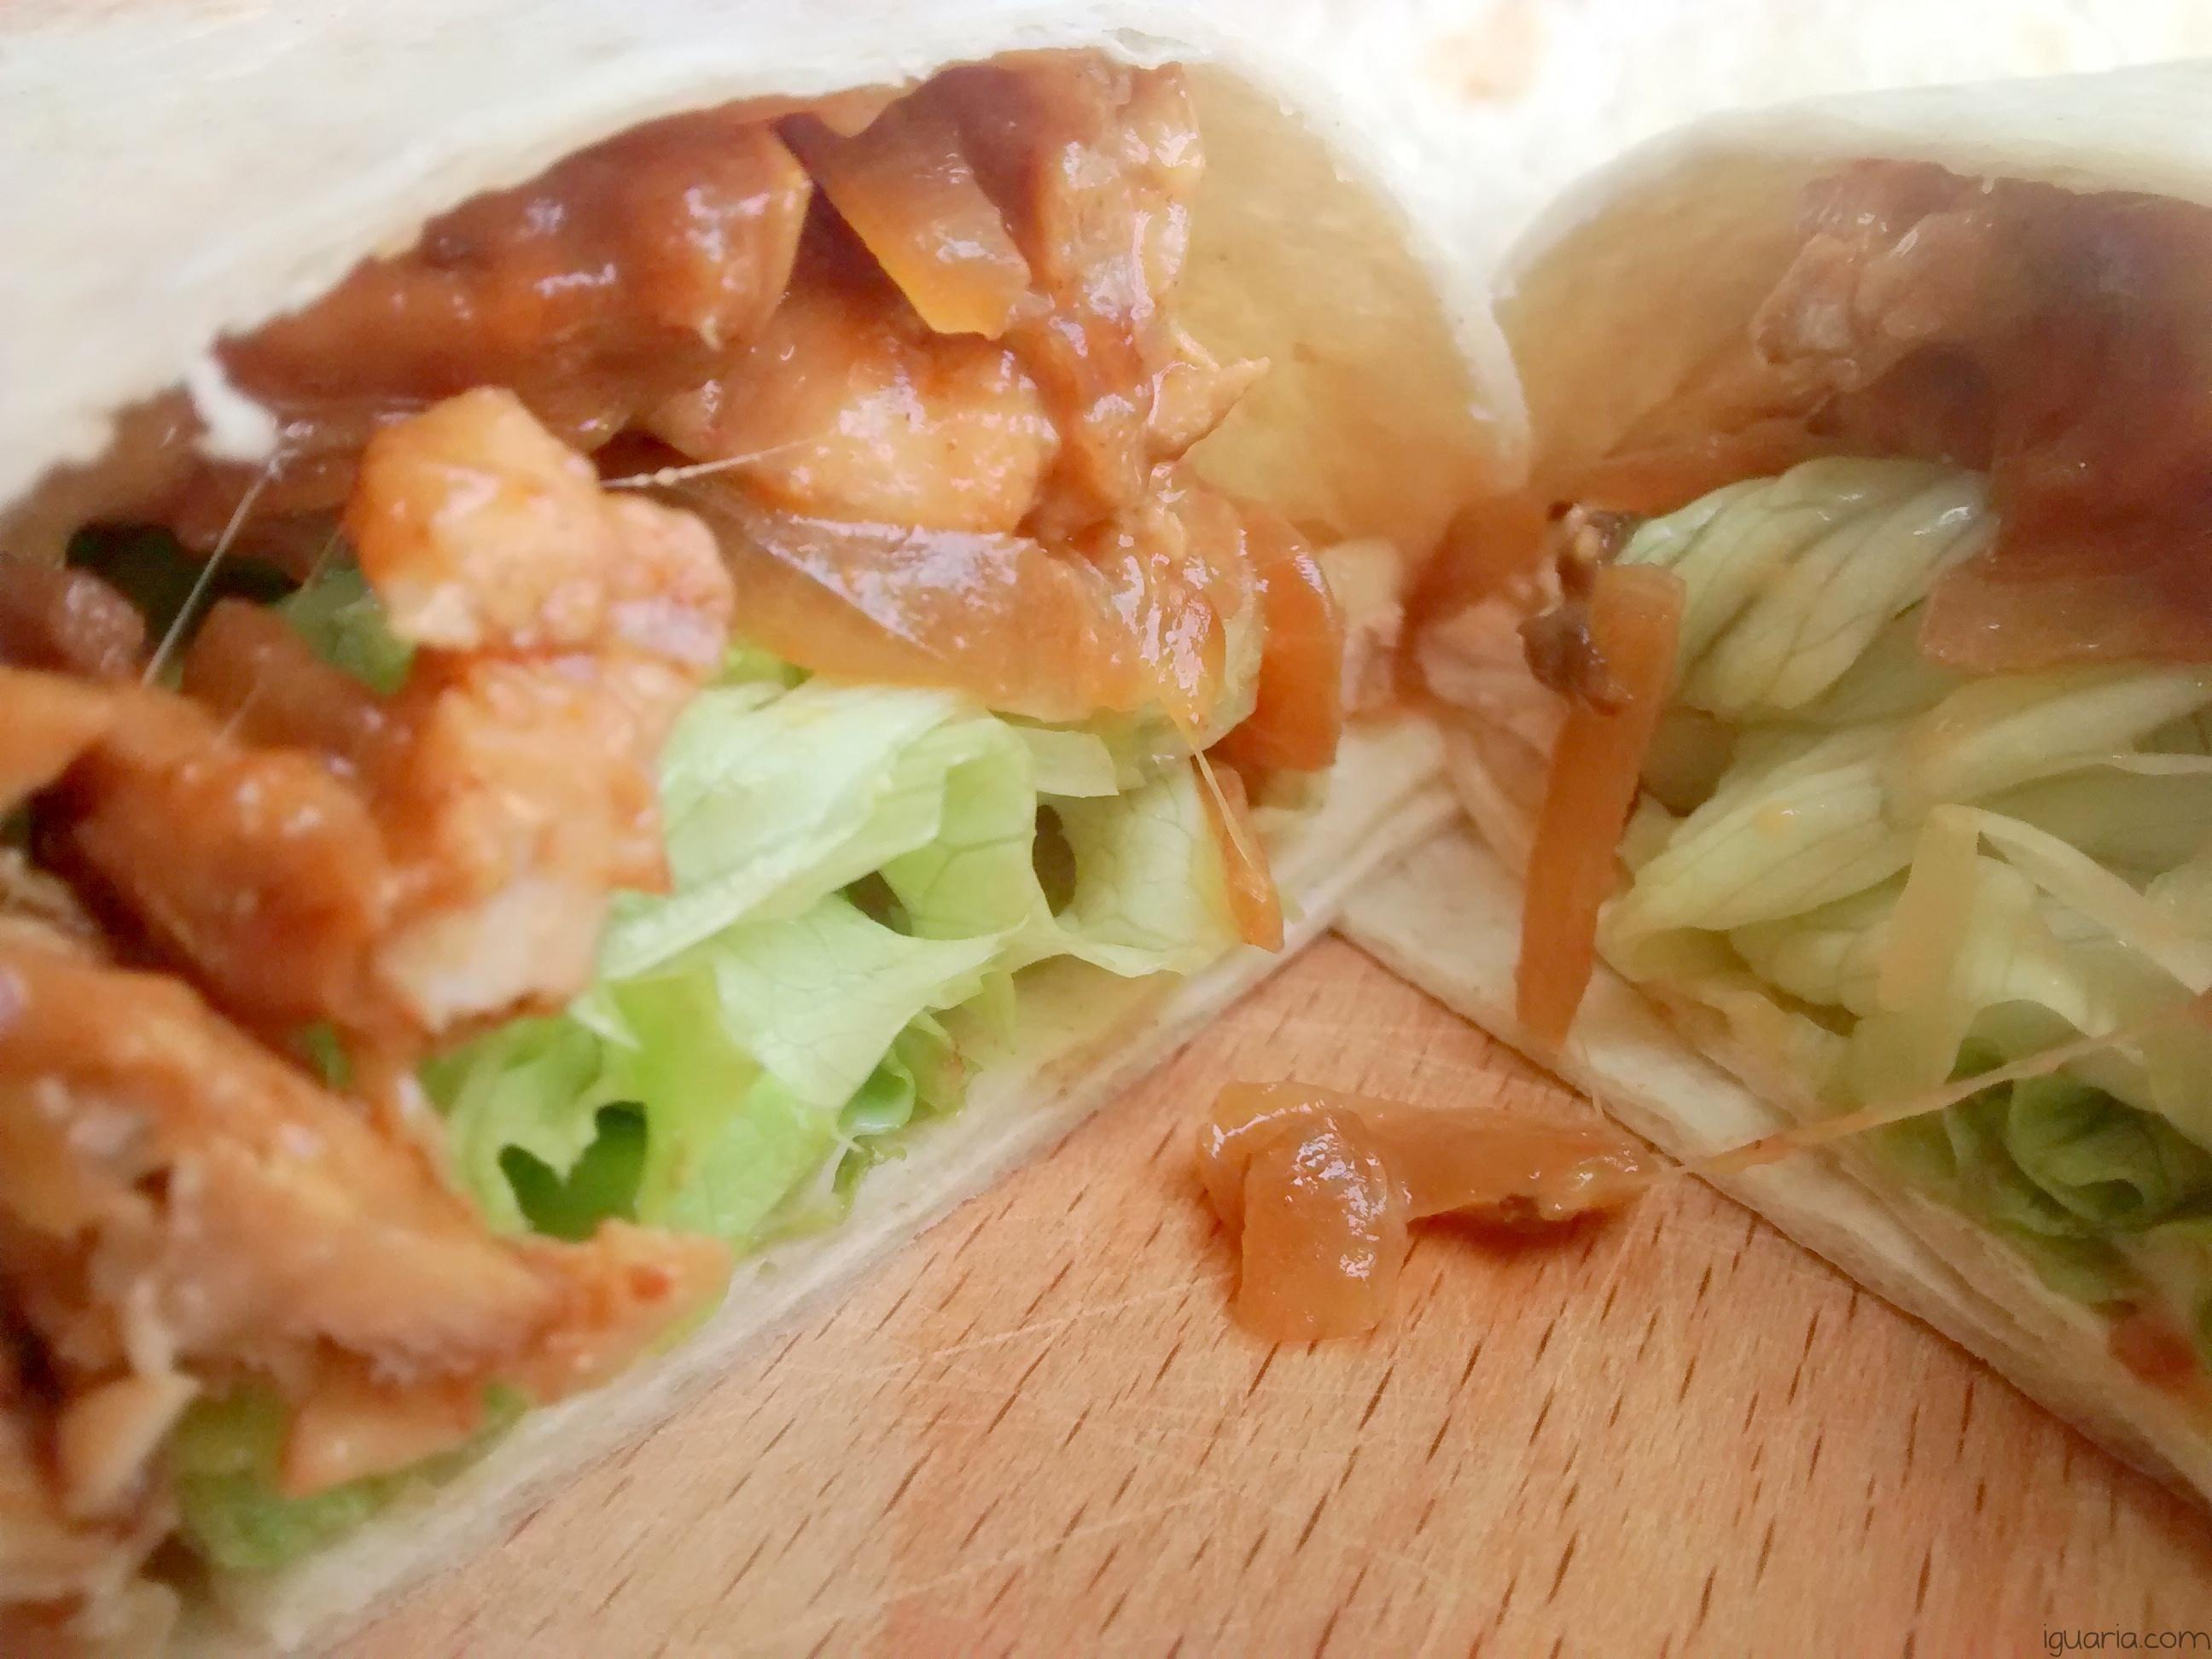 Iguaria_Salada-com-Queijo-e-Bife